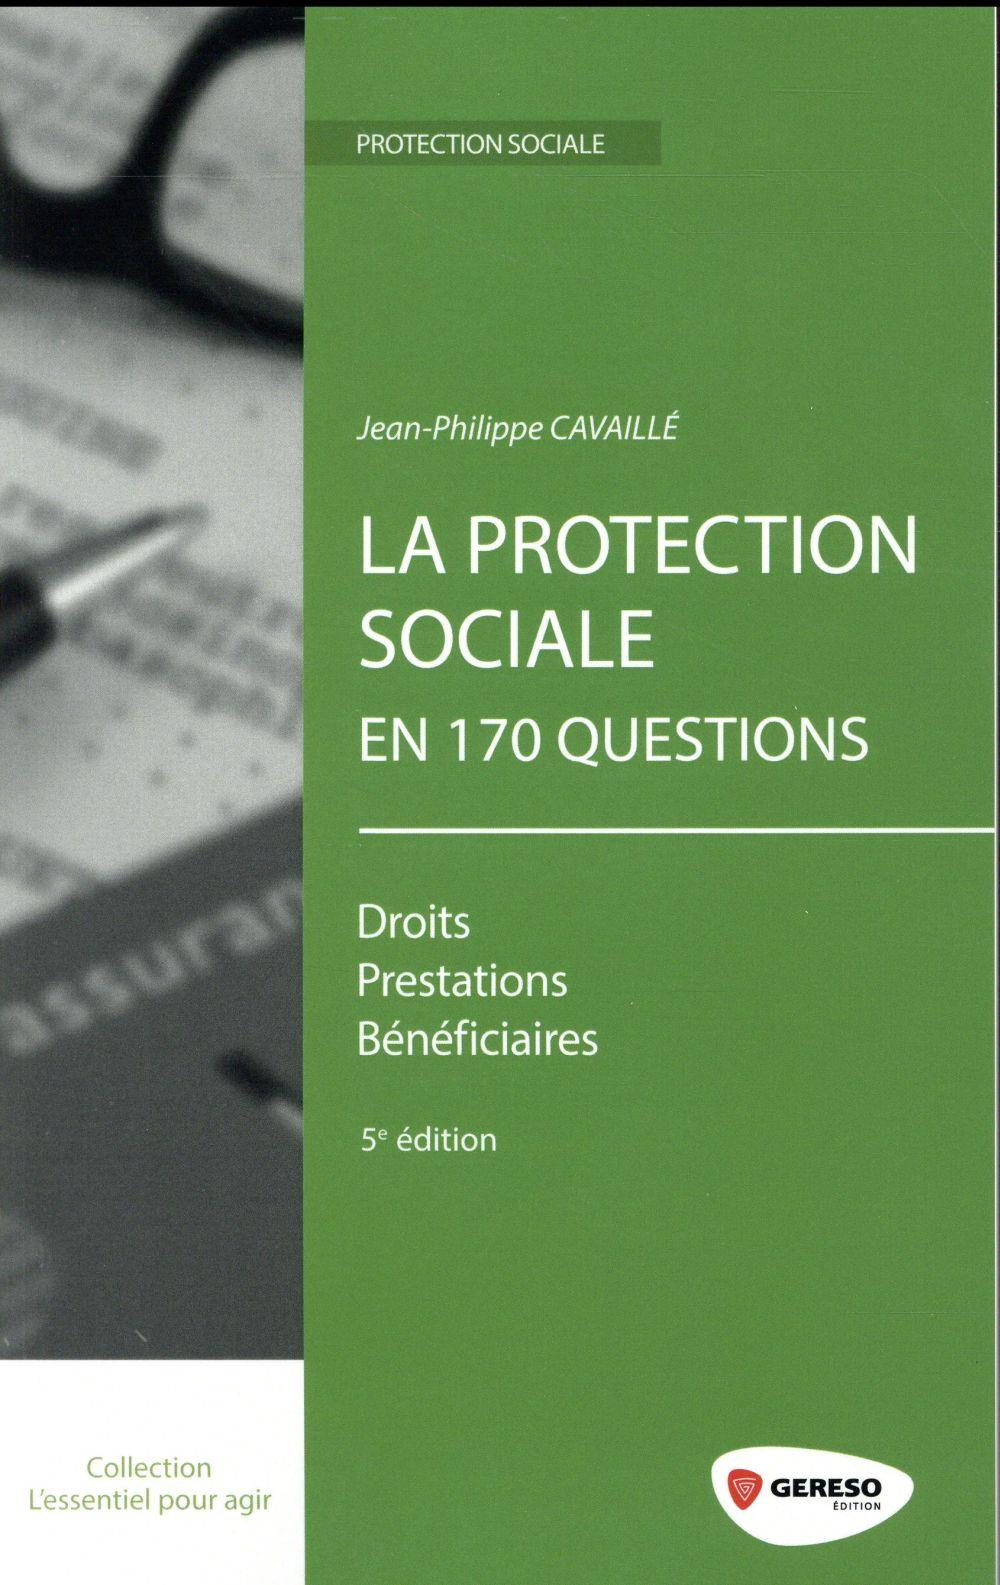 la protection sociale en 170 questions ; les droits, les prestations, les bénéficiaires (5e édition)